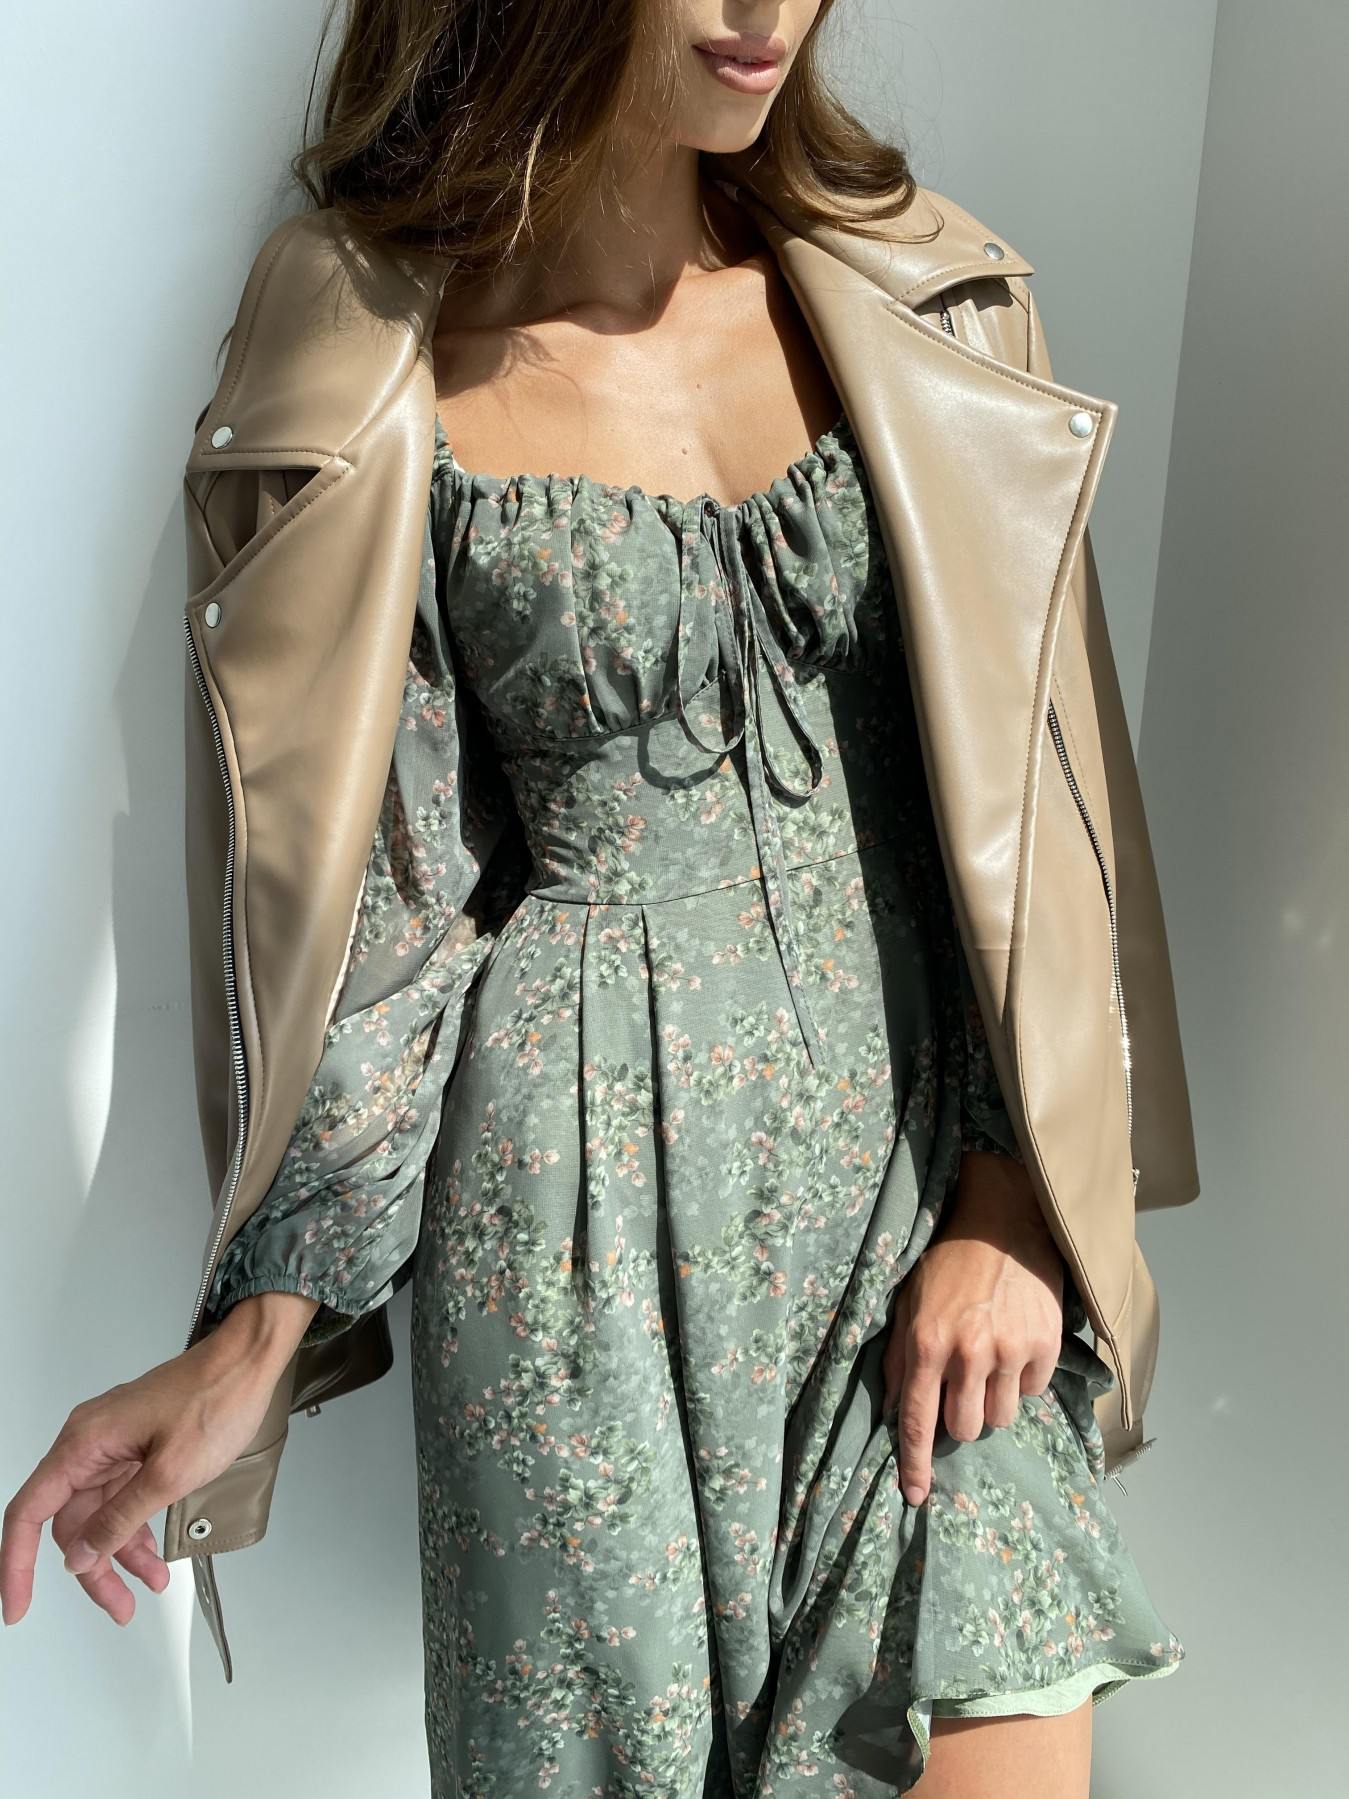 Кисес платье из шифона с цветочным принтом 11774 АРТ. 48507 Цвет: Зеленый/ЦветыНаВетке - фото 4, интернет магазин tm-modus.ru